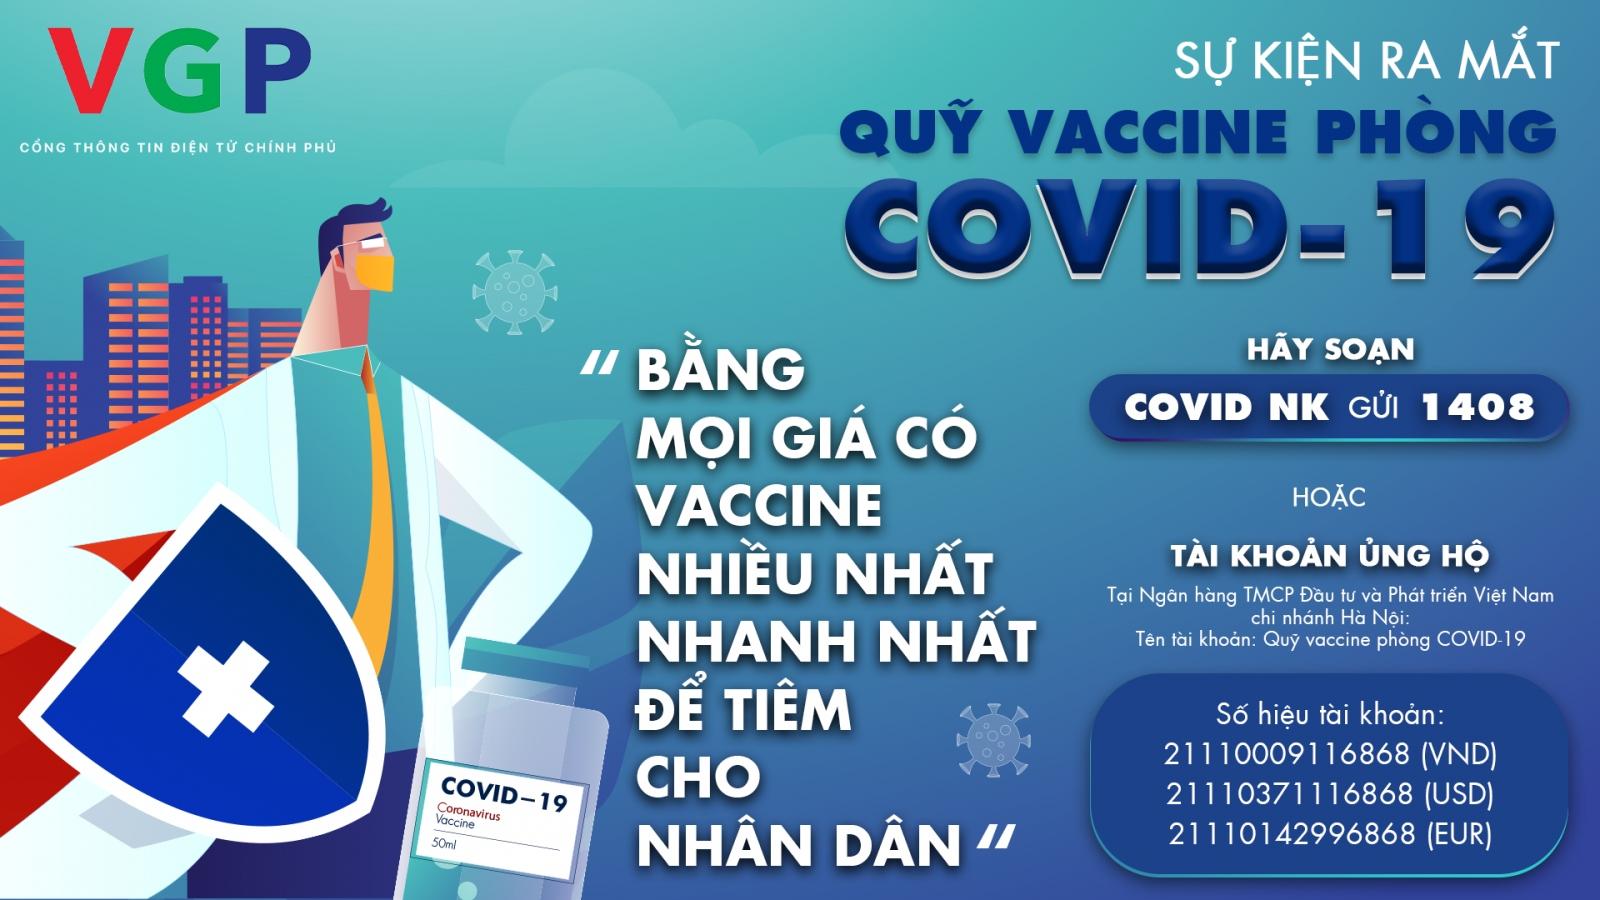 Ra mắt Quỹ vaccine phòng Covid-19